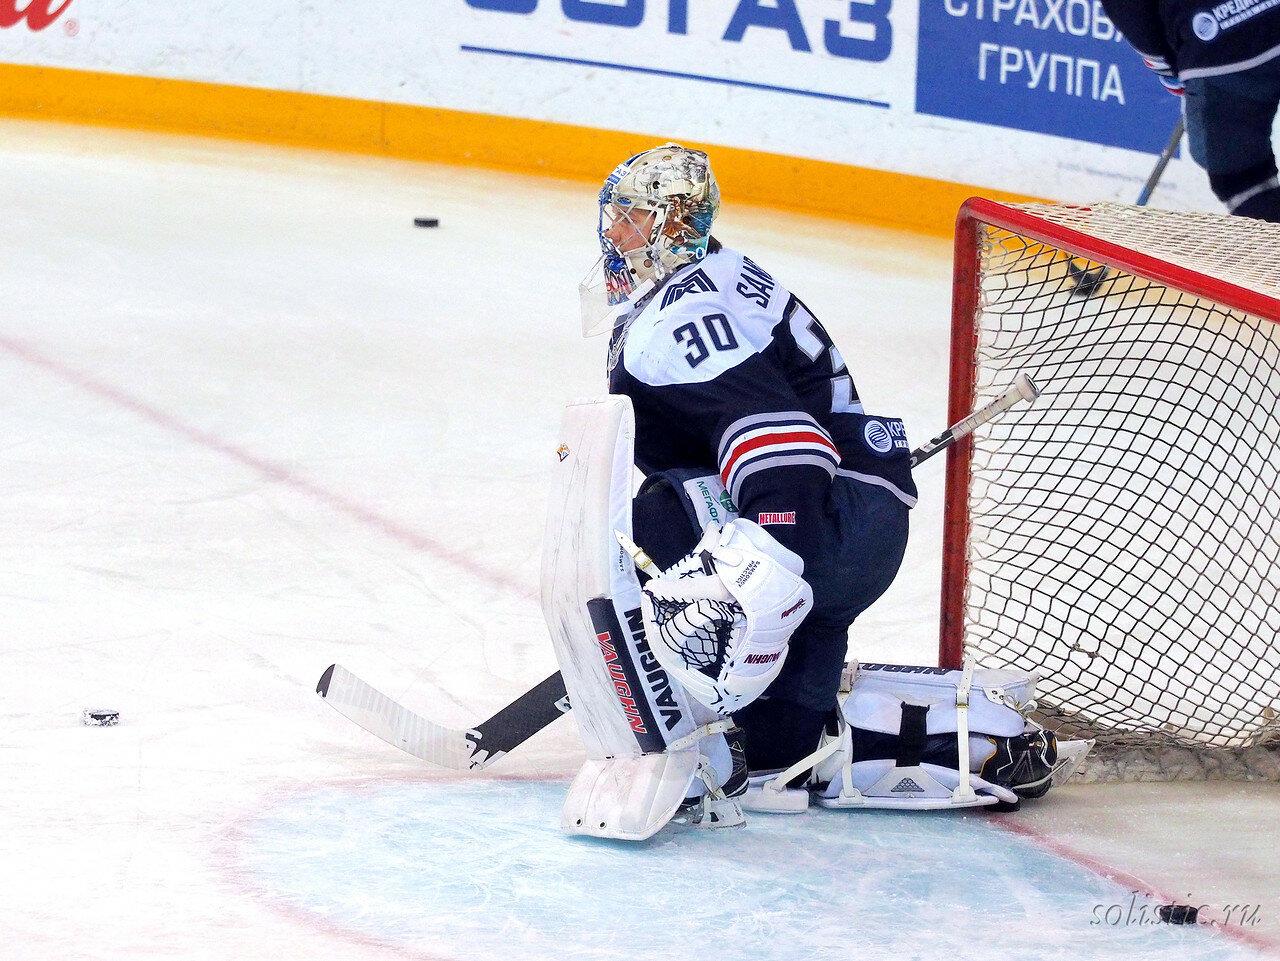 36 Металлург - Сибирь 09.11.2017